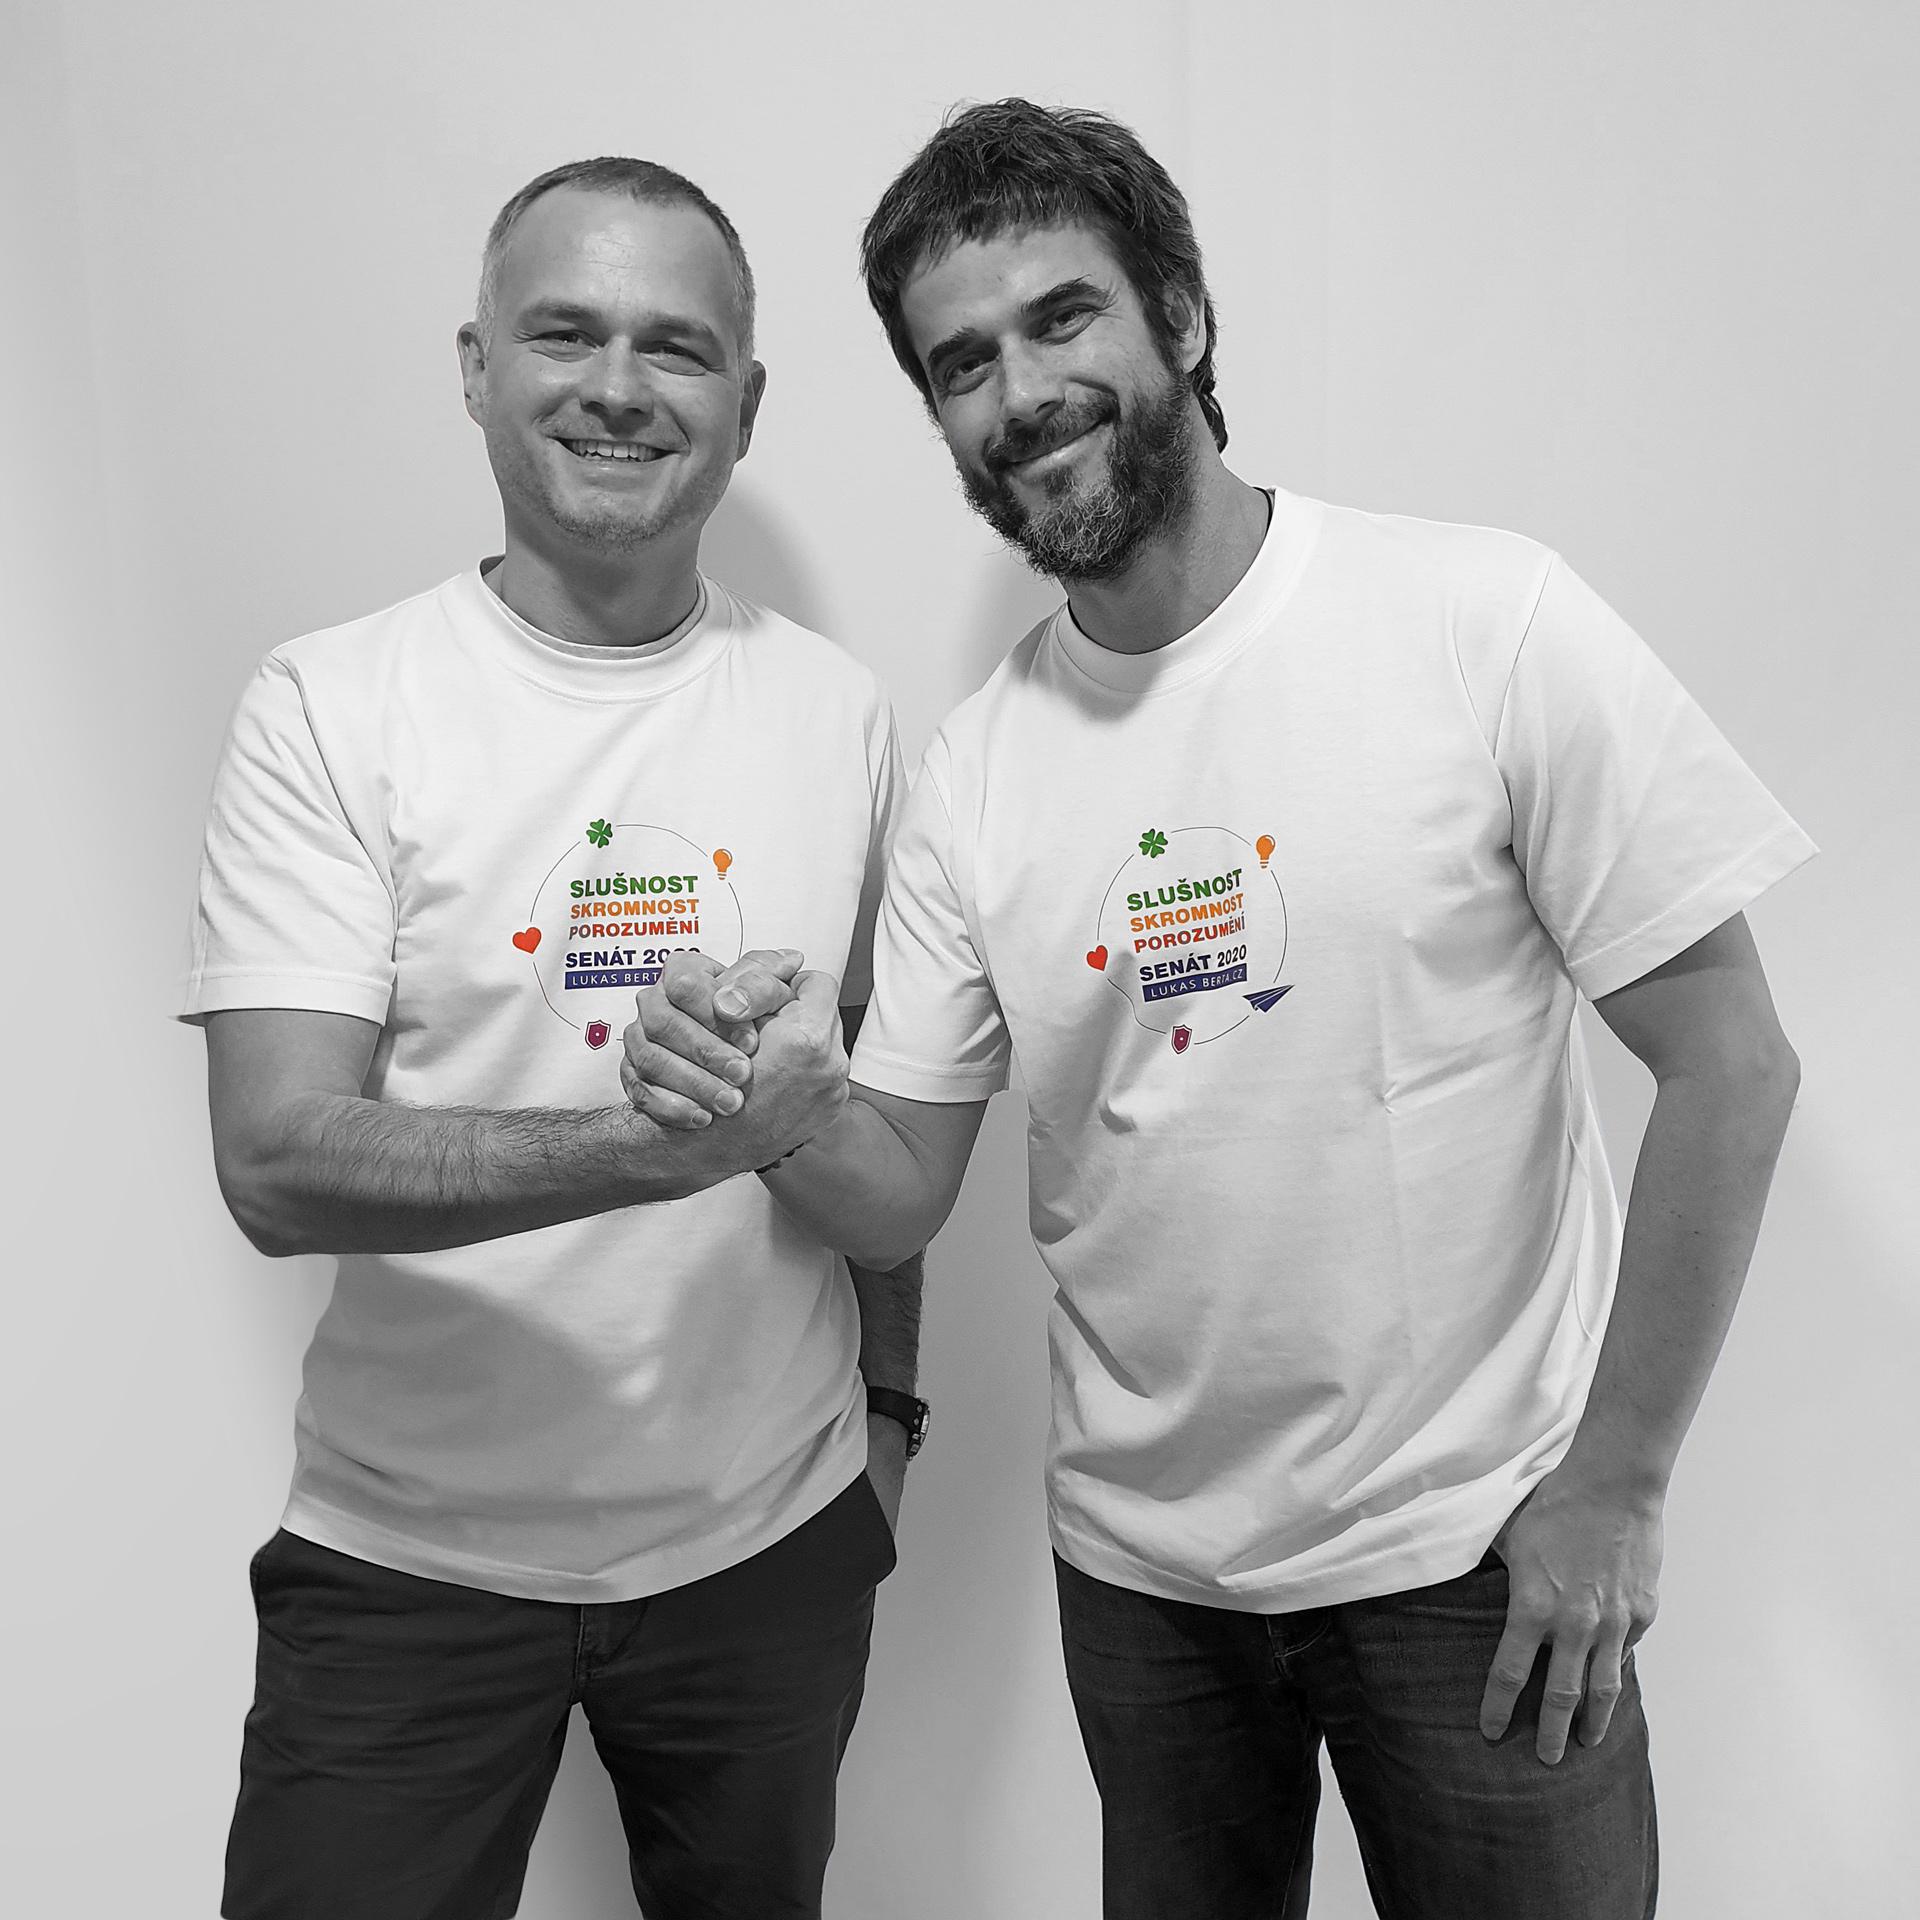 Lukáš Berta, nezávislý kandidát do Senát 2020 za Brno, a Petr Božek, ředitel běžeckého závodu Vokolo priglu